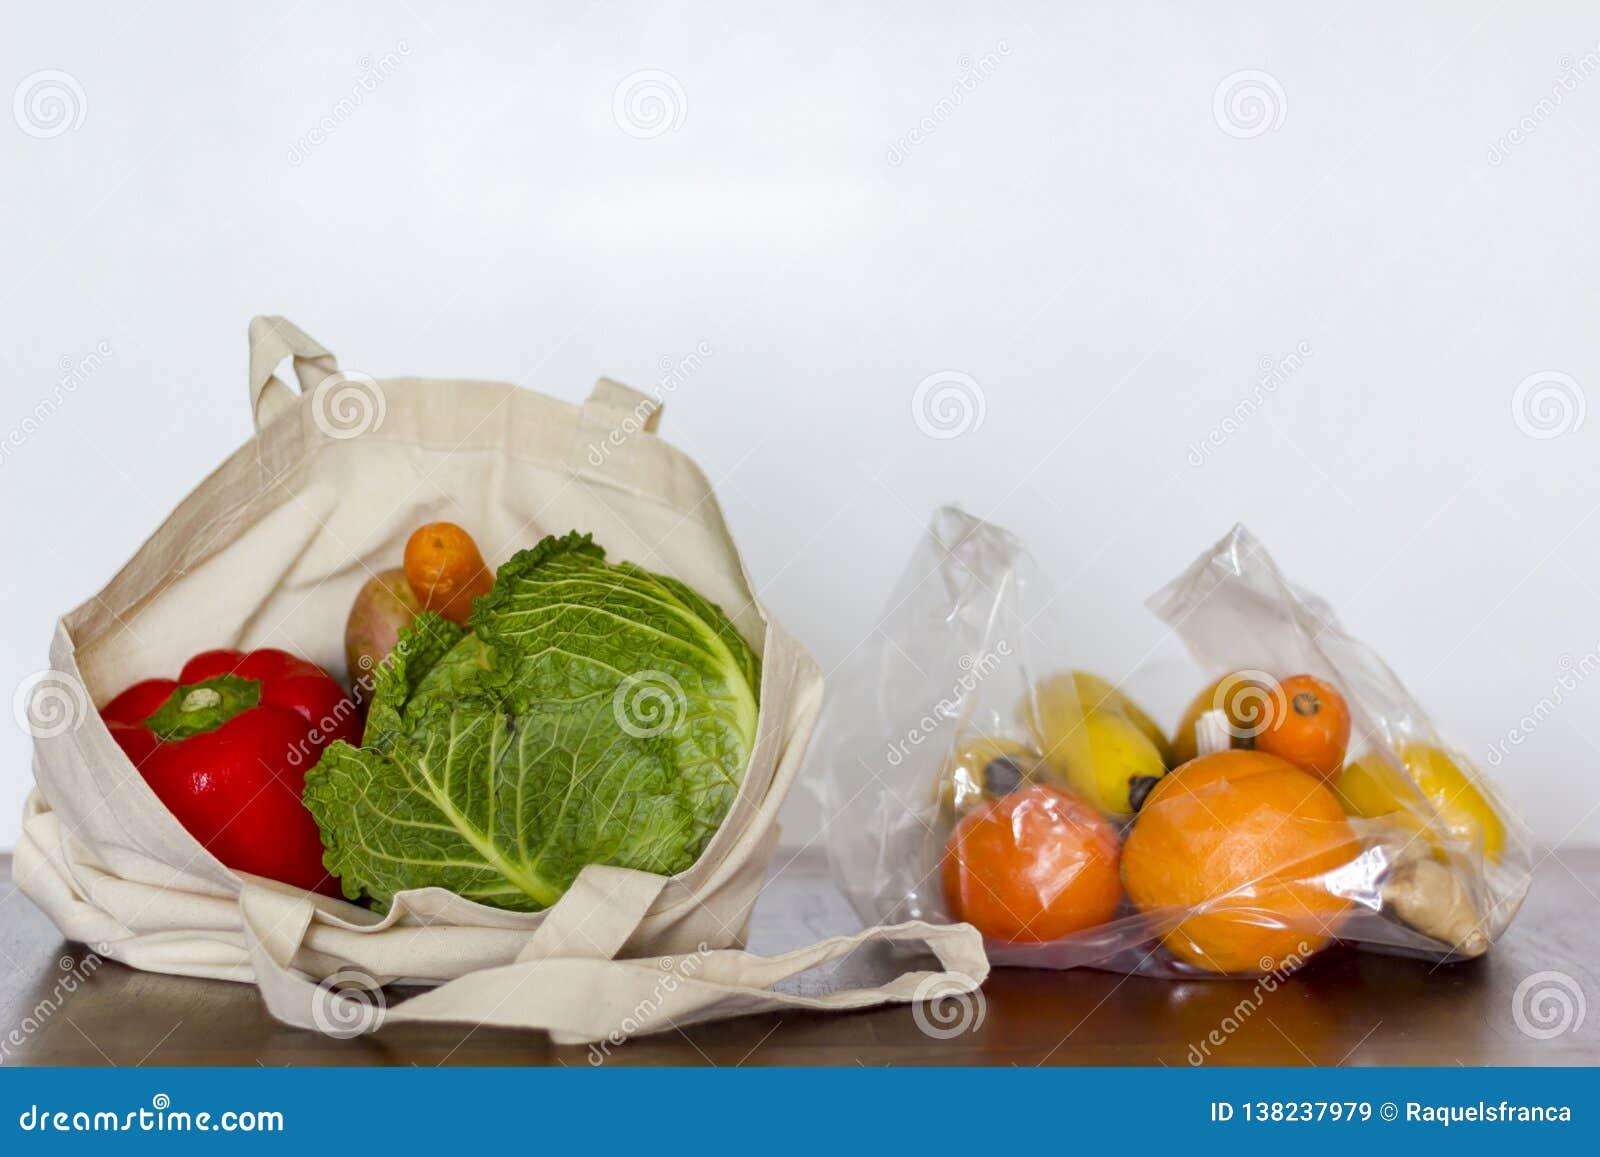 Saco reusável de Eco com vegetais e saco de plástico com frutos